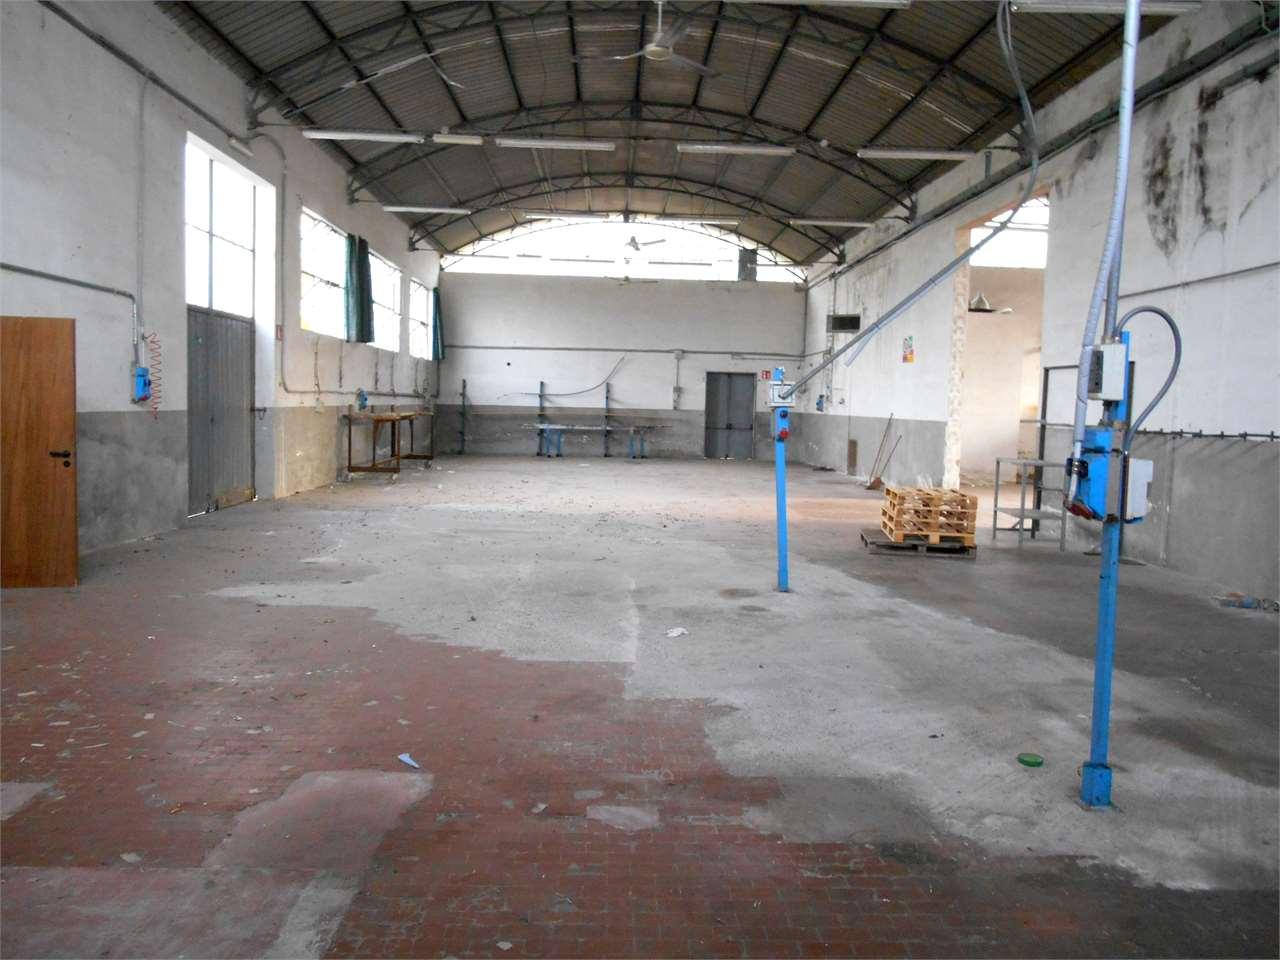 Capannone in vendita a Capannori, 8 locali, zona Località: Camigliano, prezzo € 320.000 | CambioCasa.it